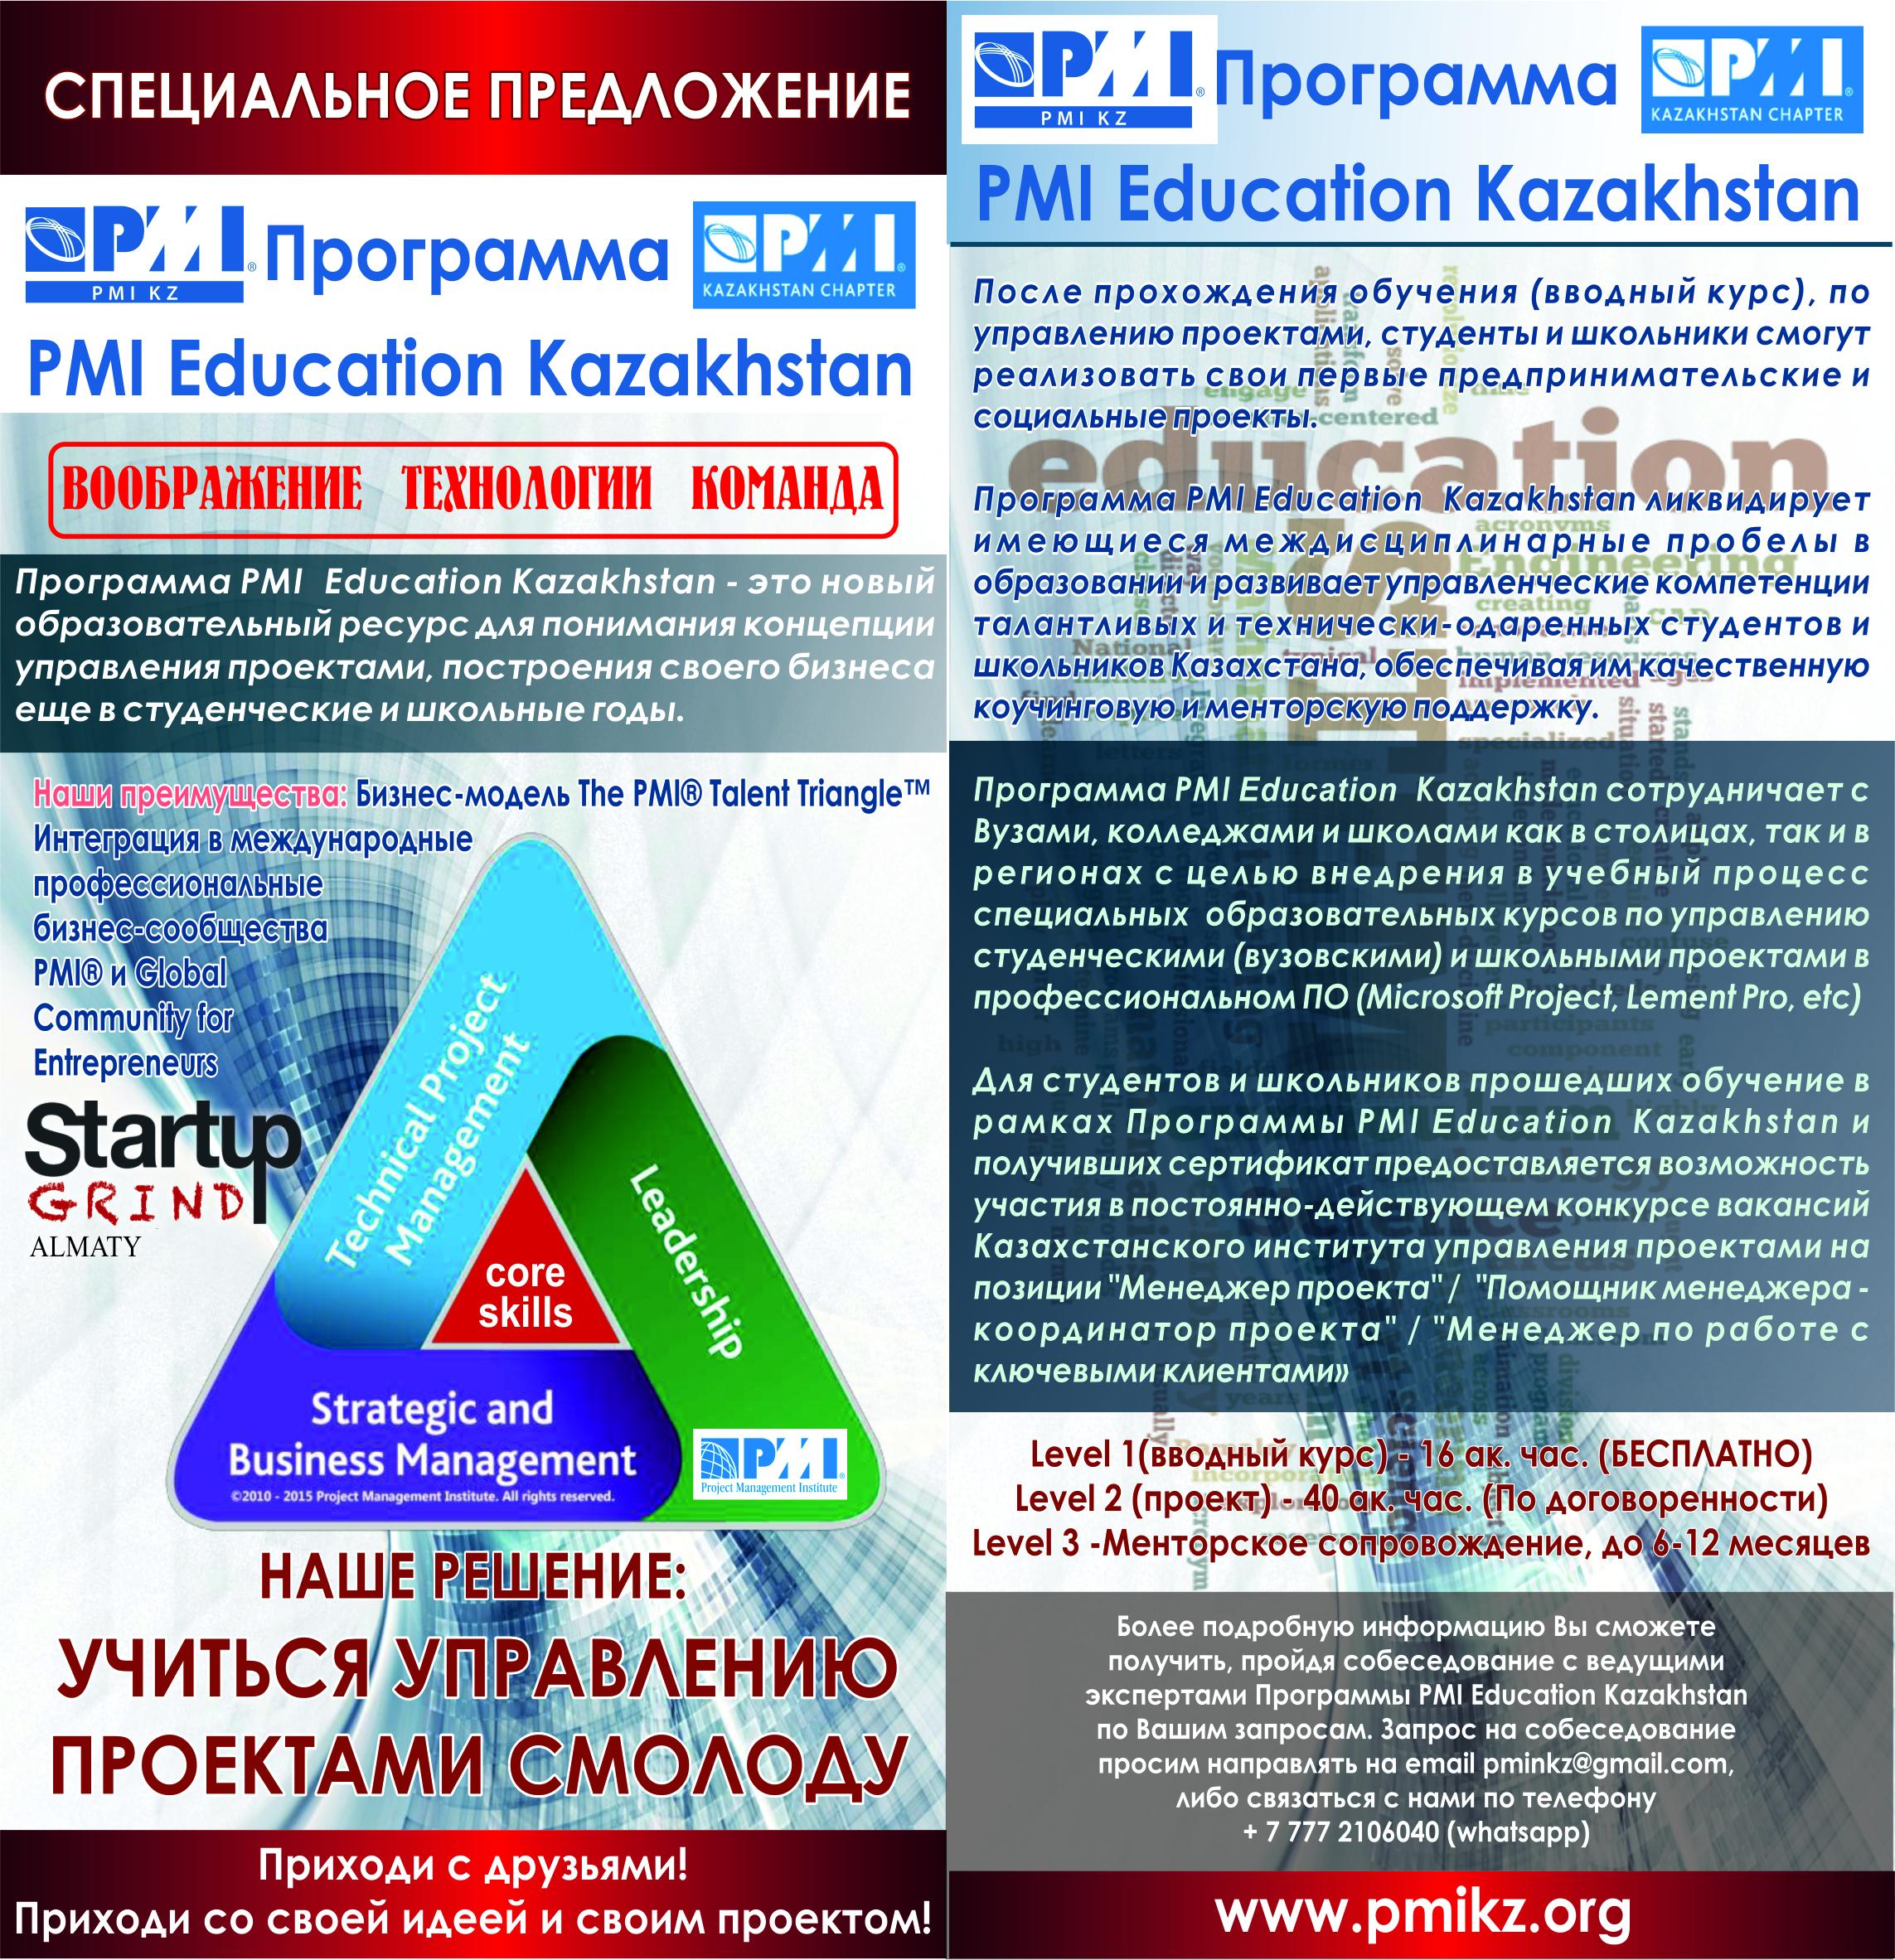 Программы для школьных проектов